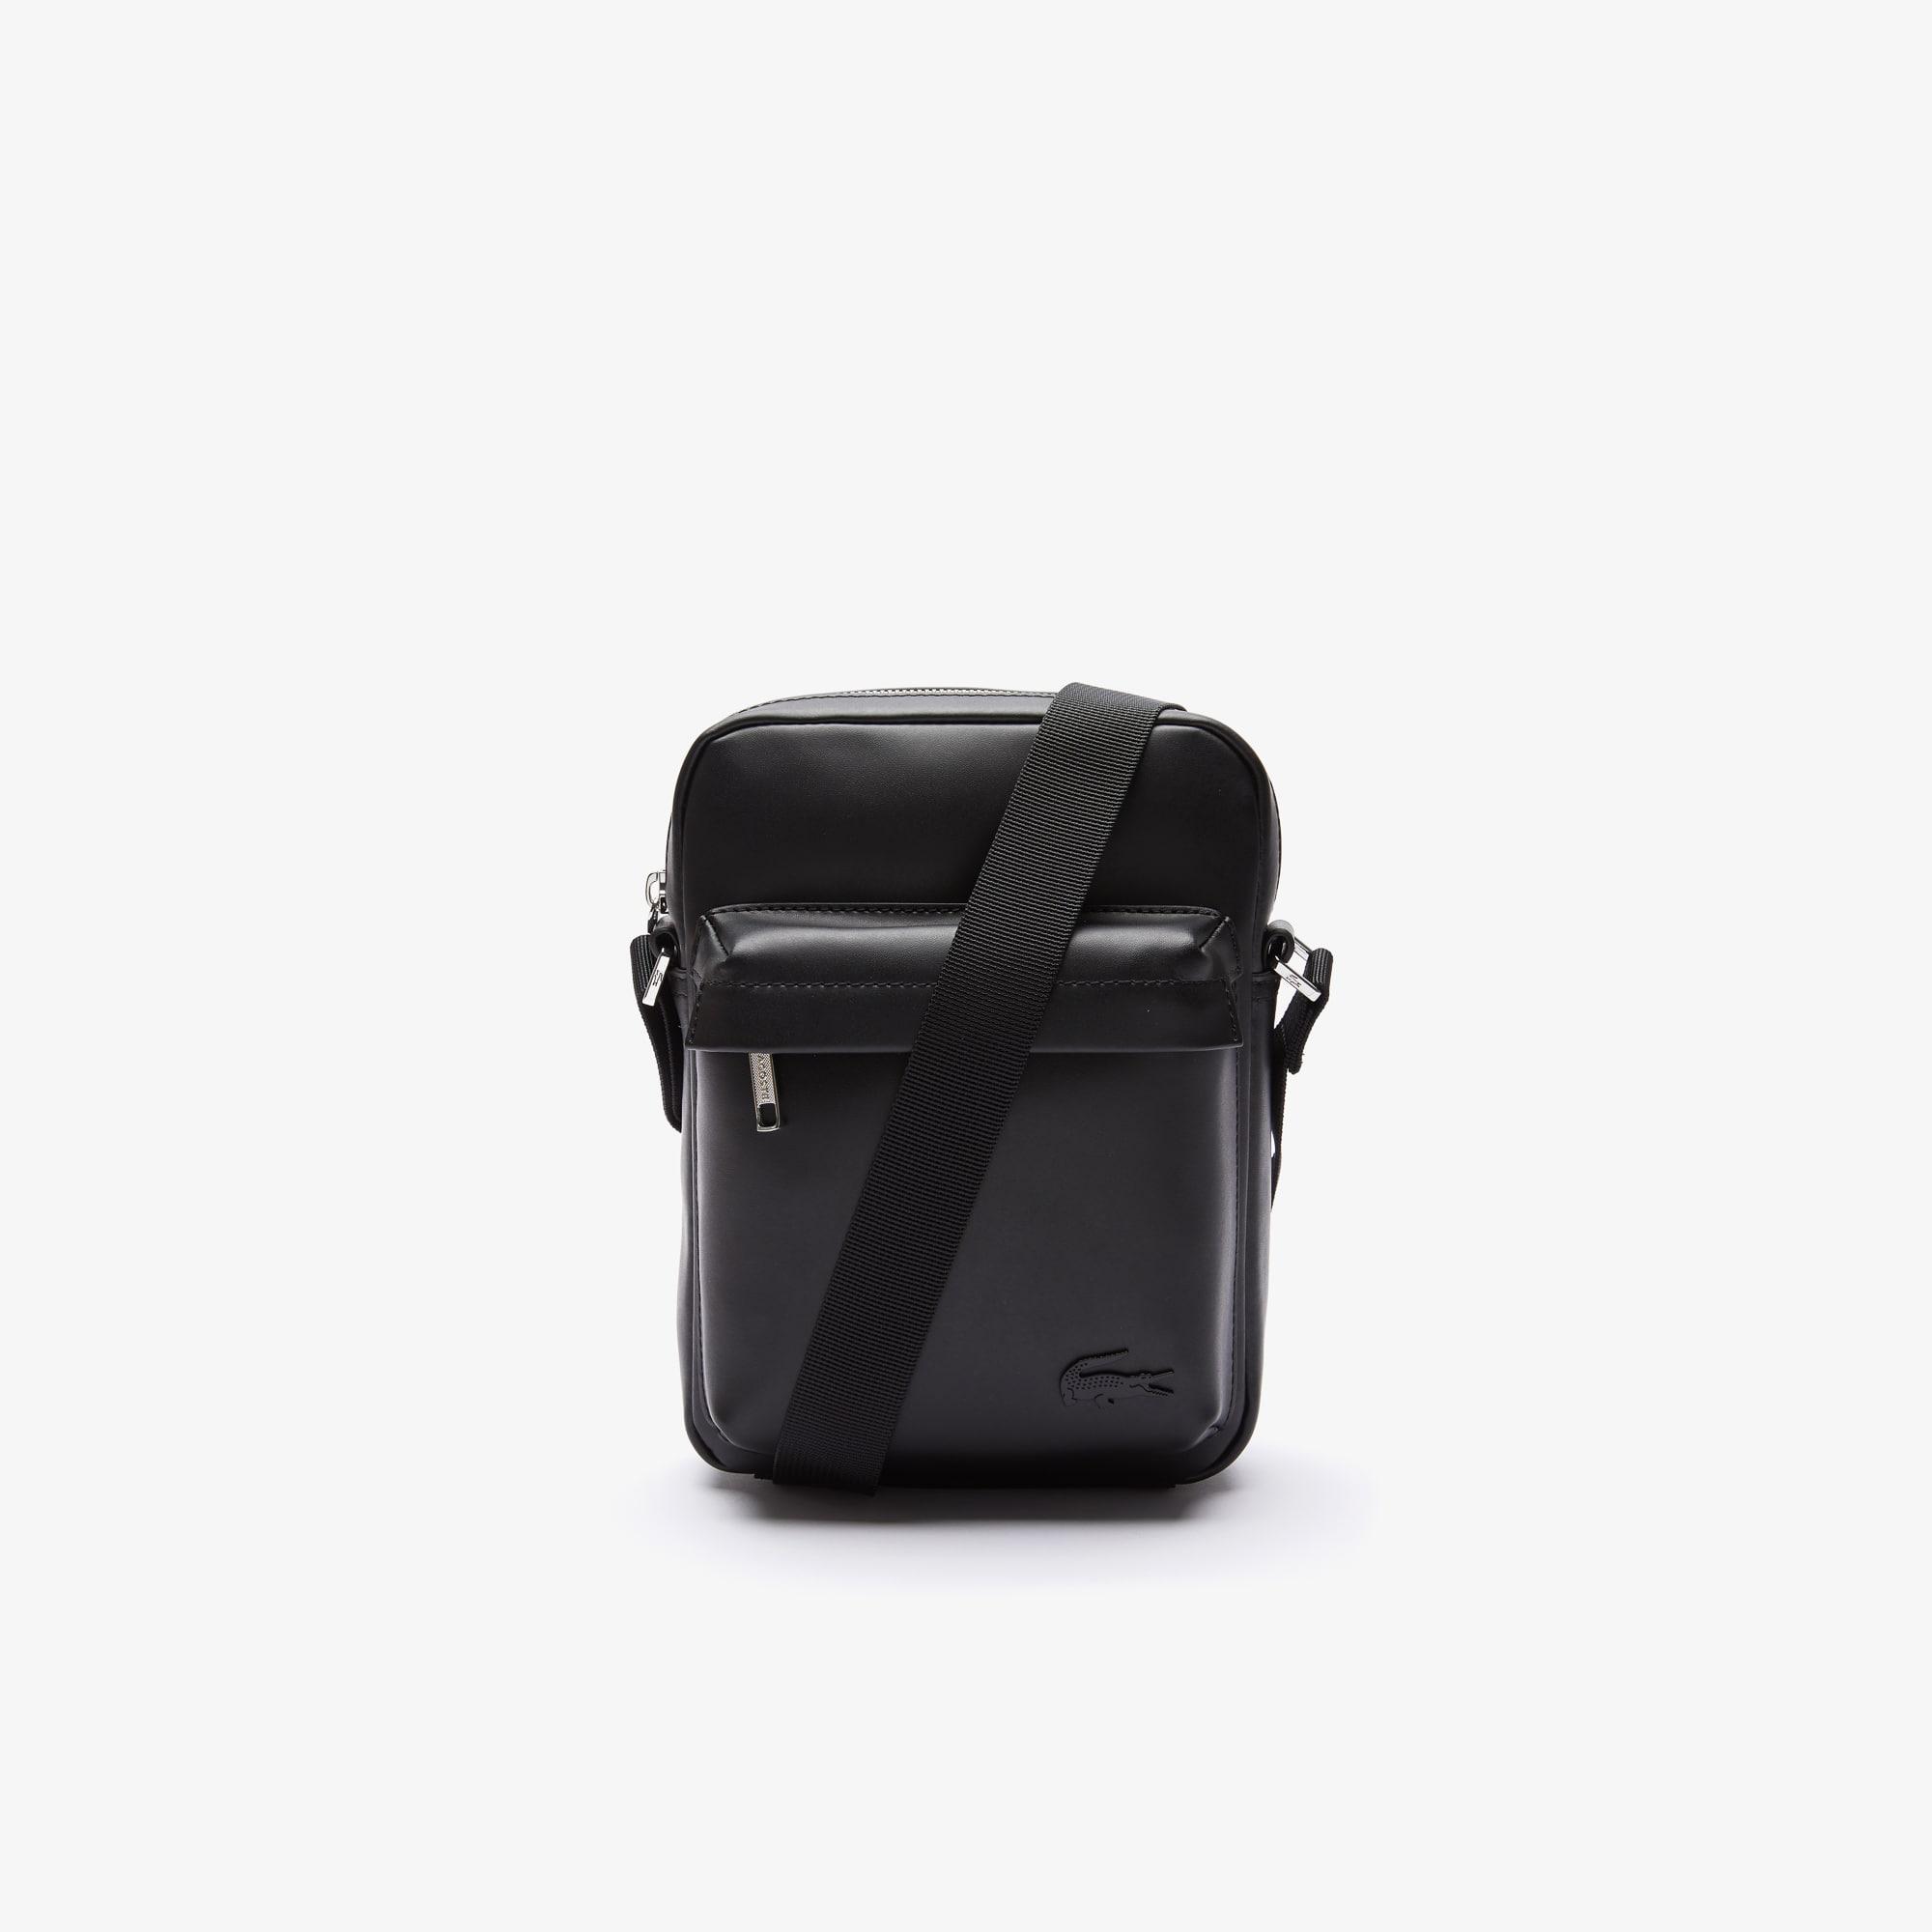 라코스테 Lacoste Men's Urban Breathe Vertical Smooth Leather Zip Bag